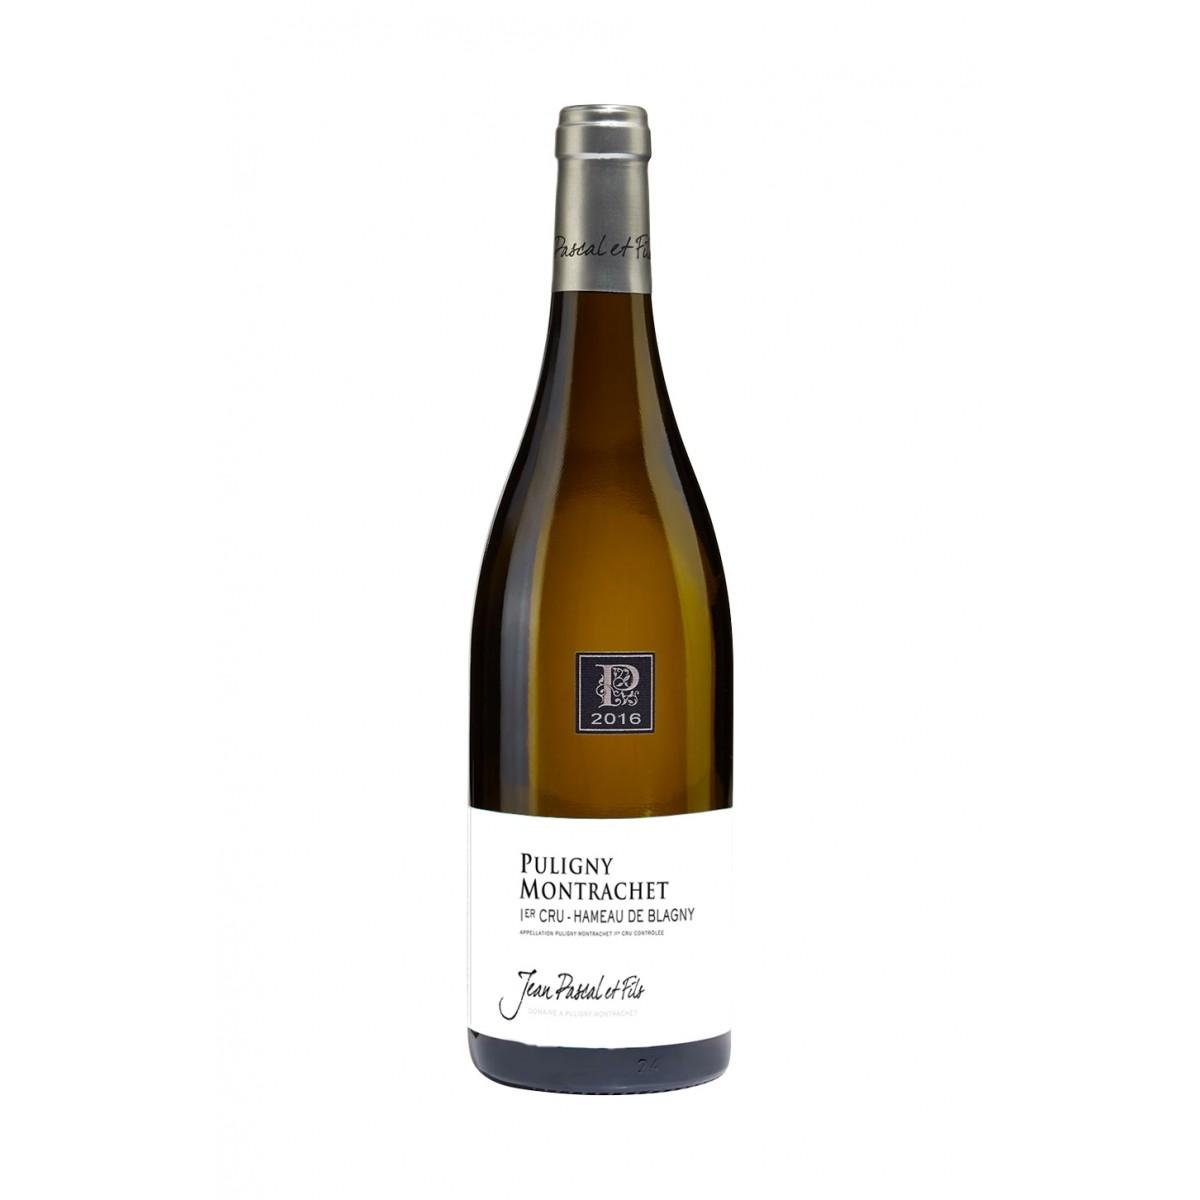 Puligny-Montrachet 1er Cru Hameau de Blagny 2016 - Domaine Jean Pascal et Fils